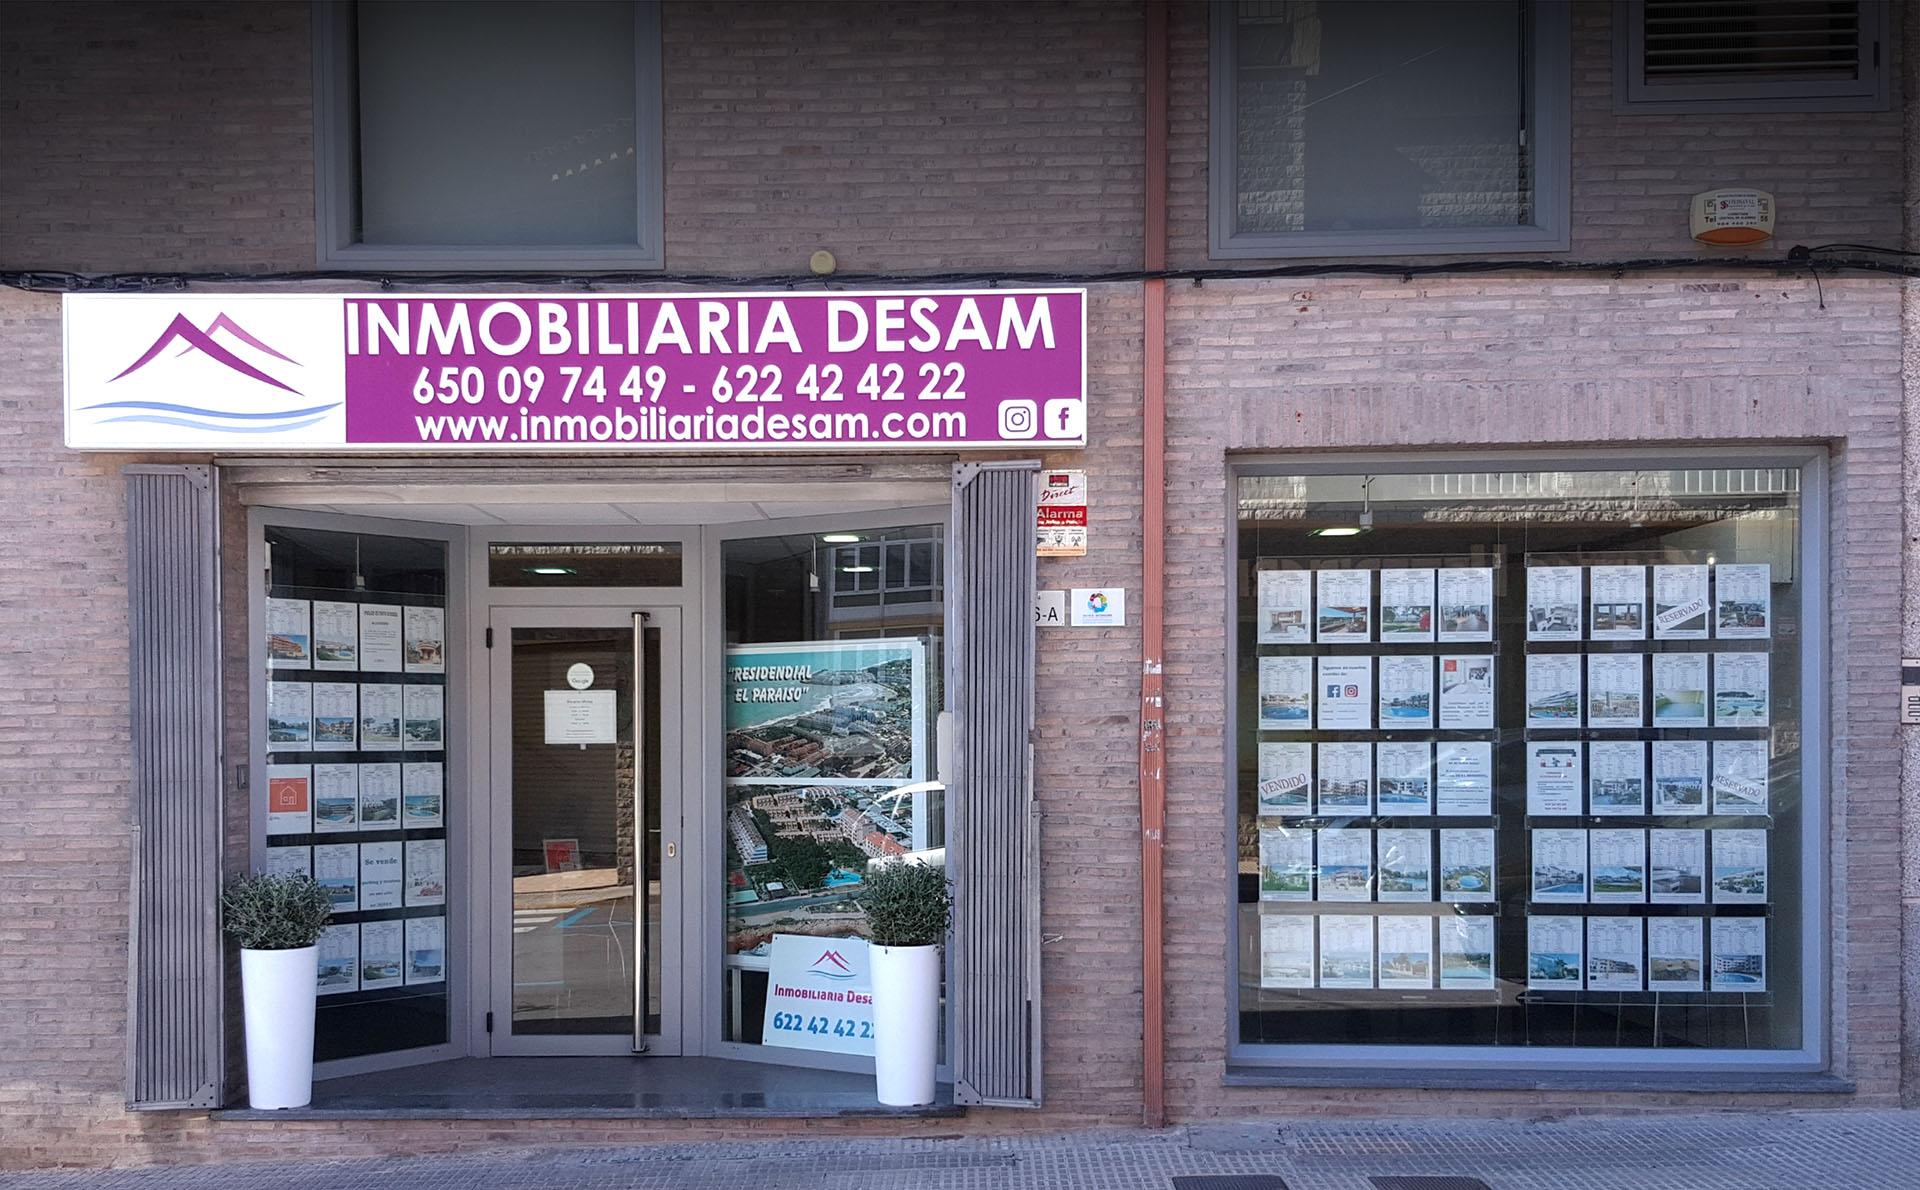 inmobiliaria-alcossebre-desam-nuestras-oficinas-alcoceber